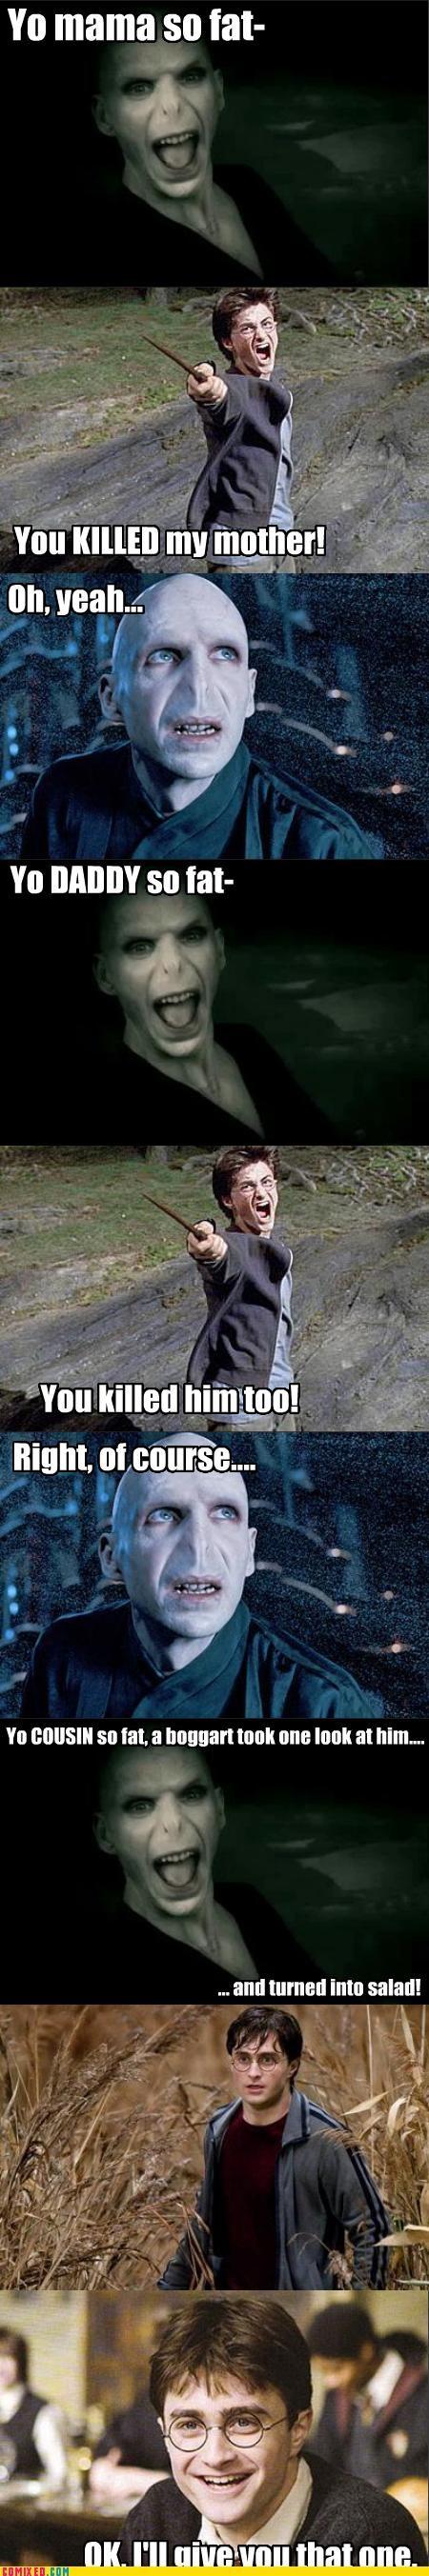 Harry Potter joke parents voldemort - 4678875392